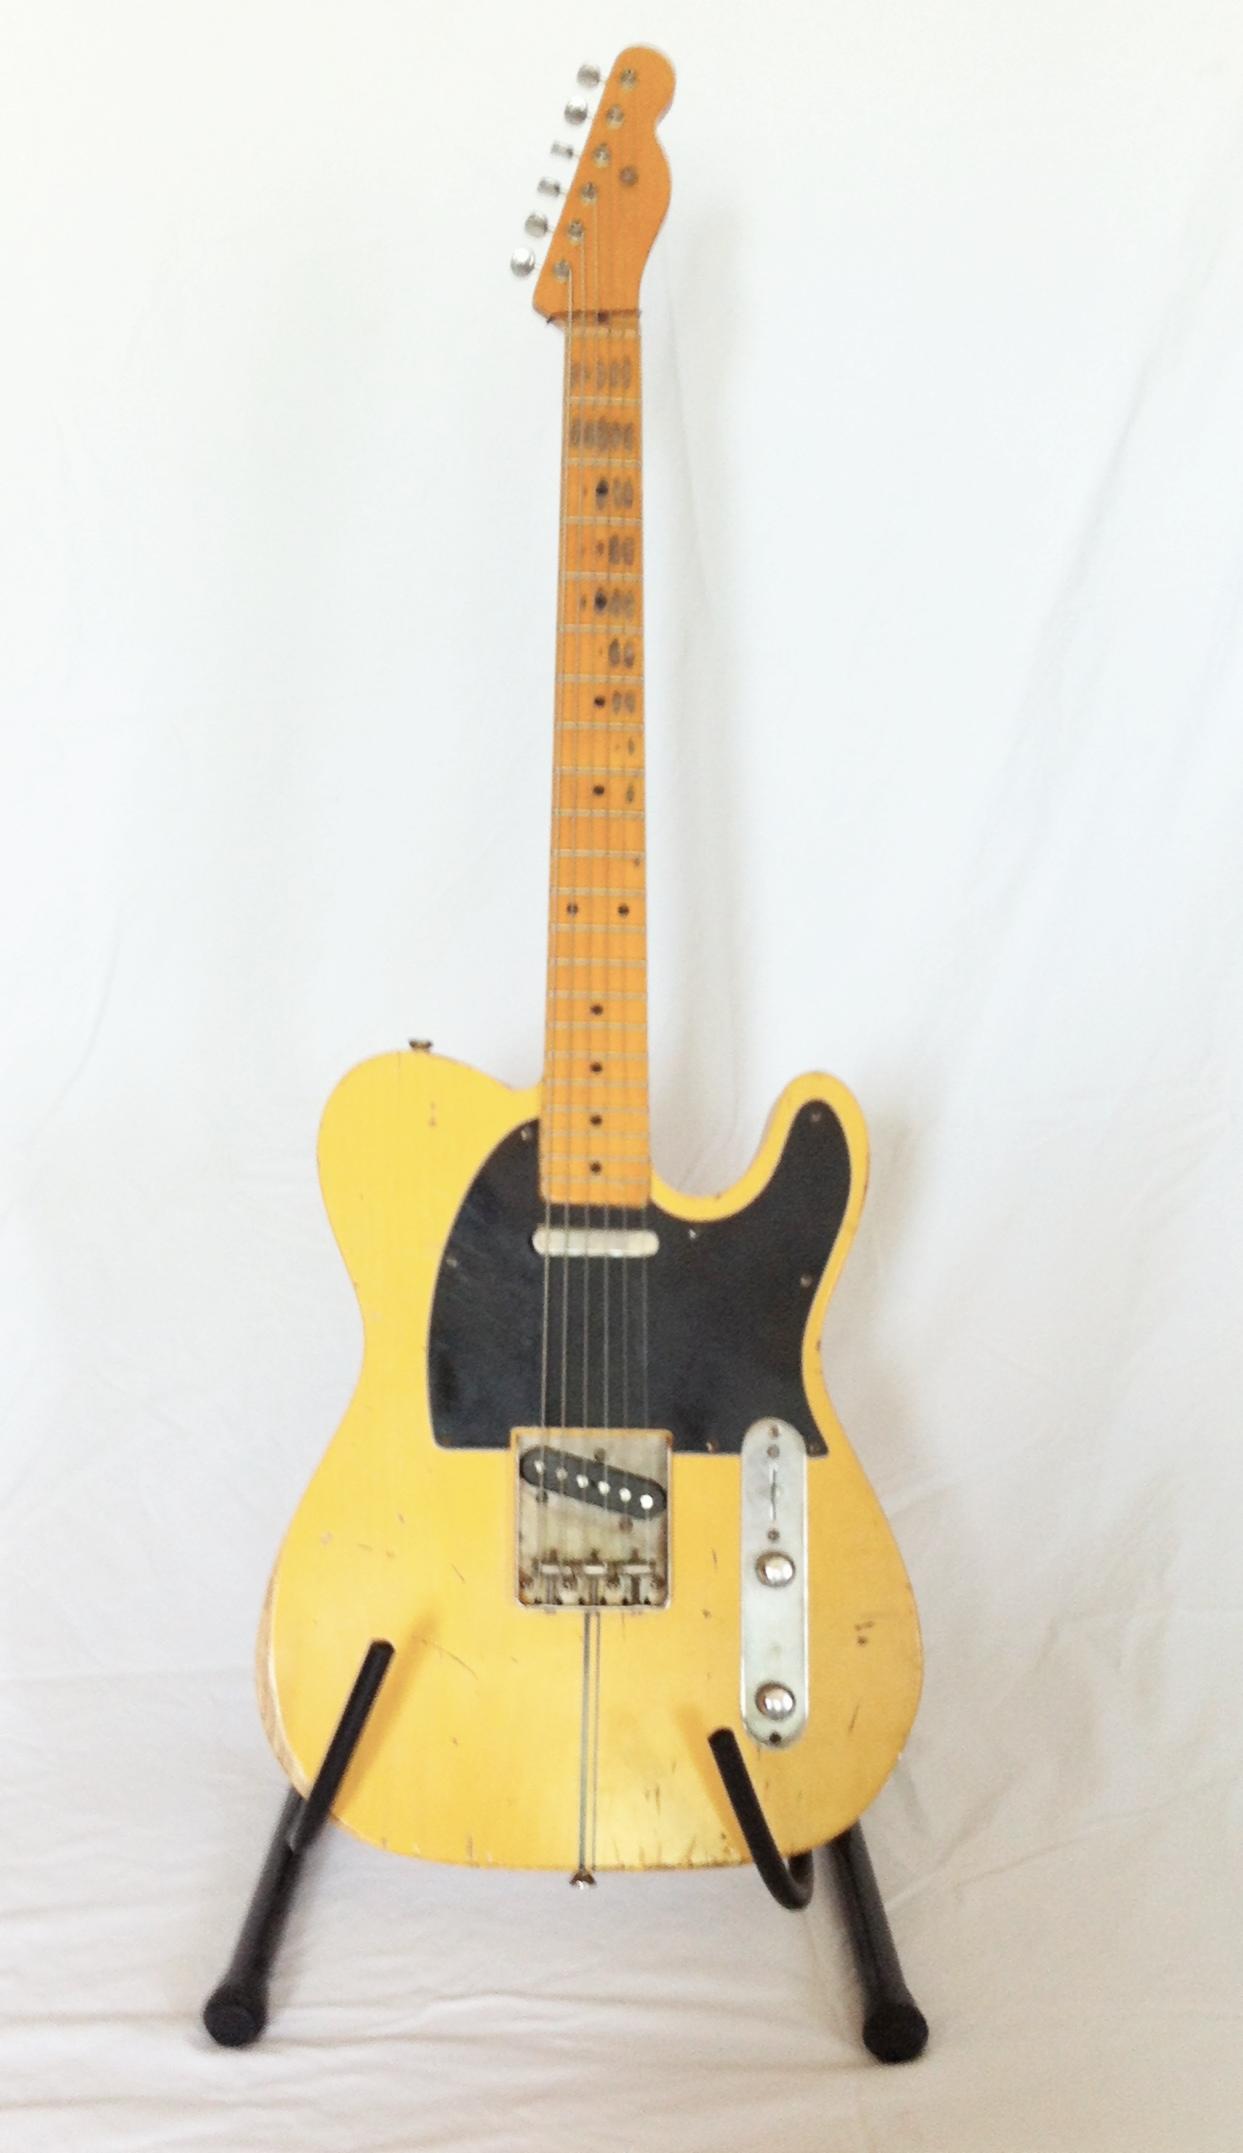 Jaguar amp eric stone - 2 3